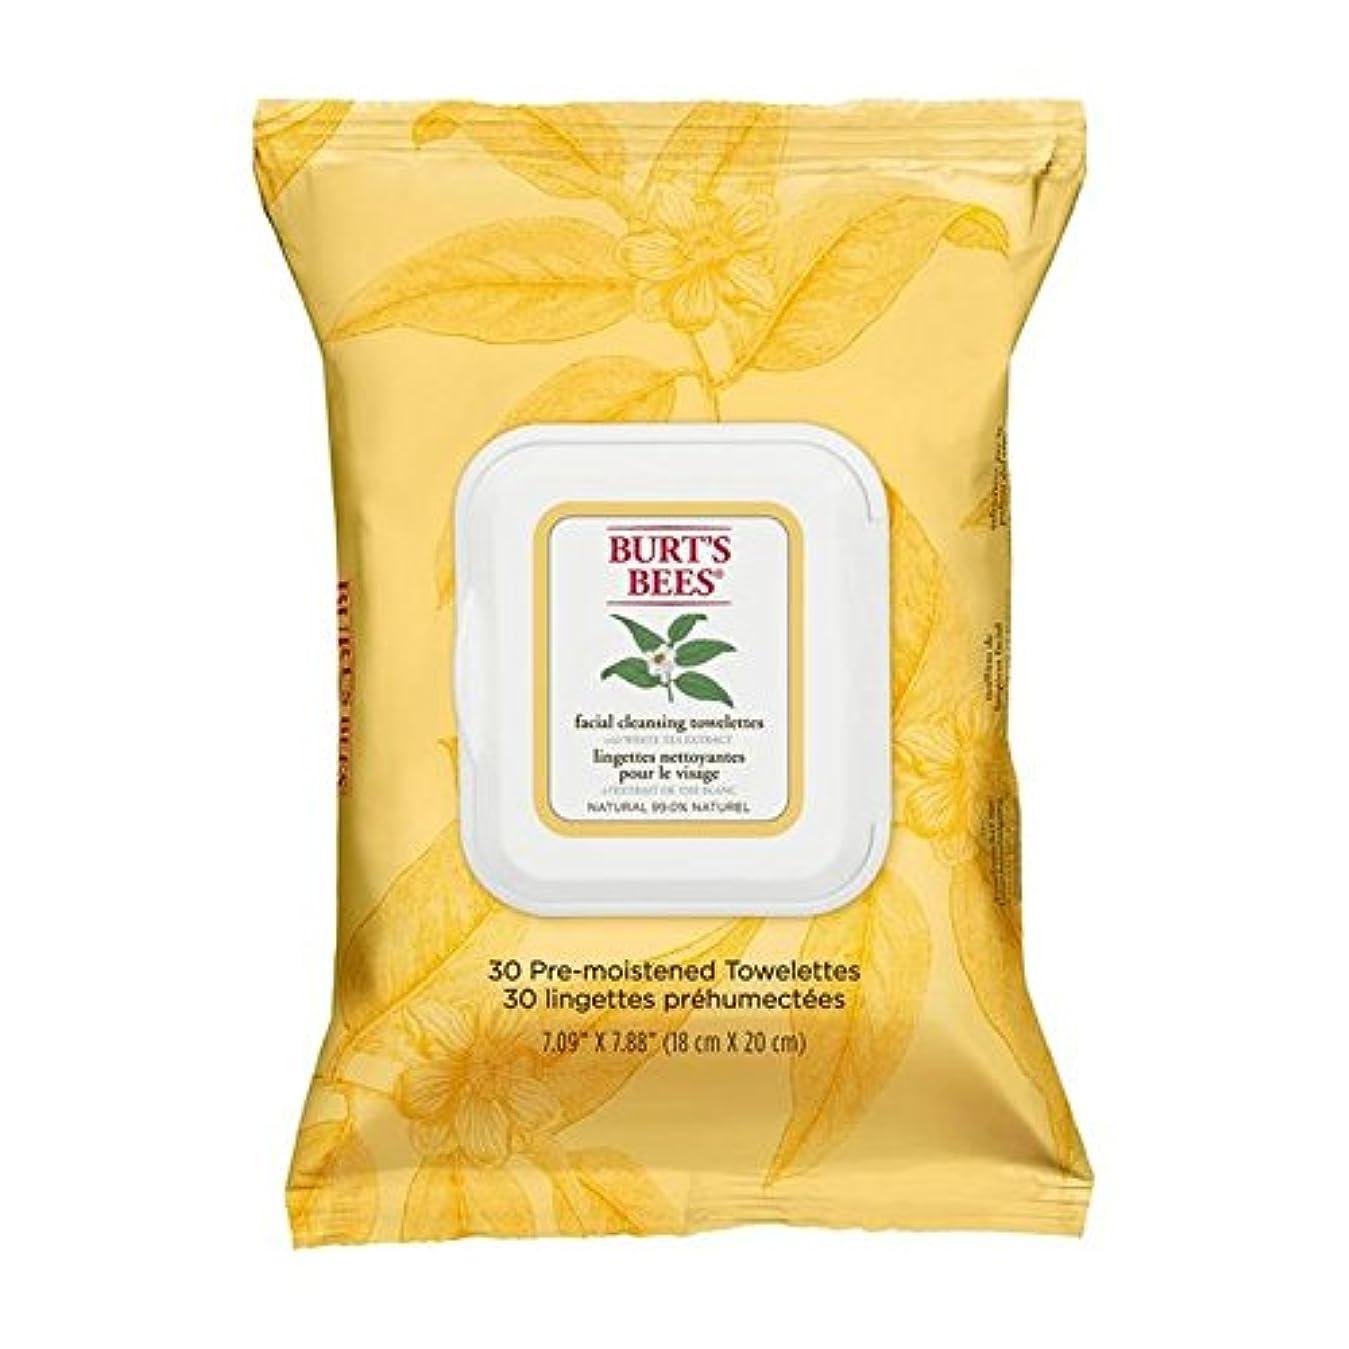 ロードされたクレタ鎮静剤ホワイトティーエキスとバーツビー洗顔ペーパータオル x2 - Burt's Bees Facial Cleansing Towelettes with White Tea Extract (Pack of 2) [並行輸入品]